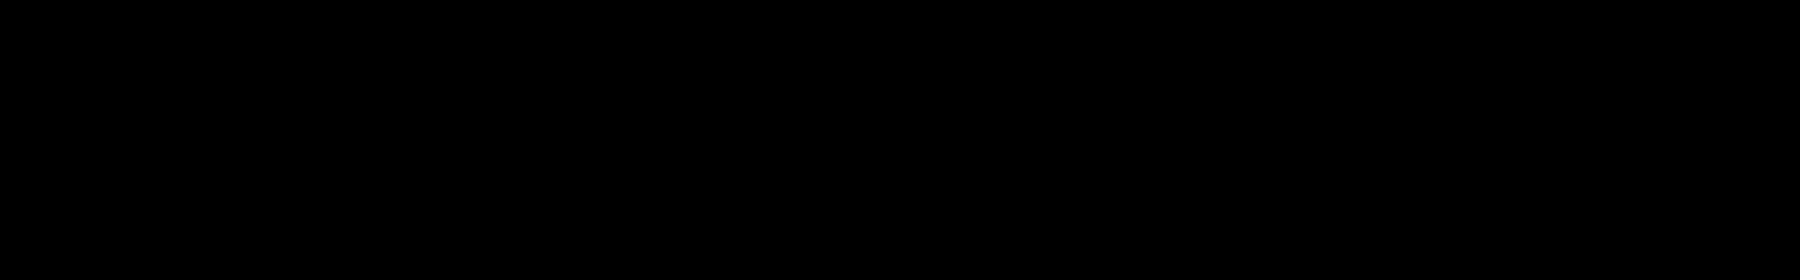 1985 Loops audio waveform